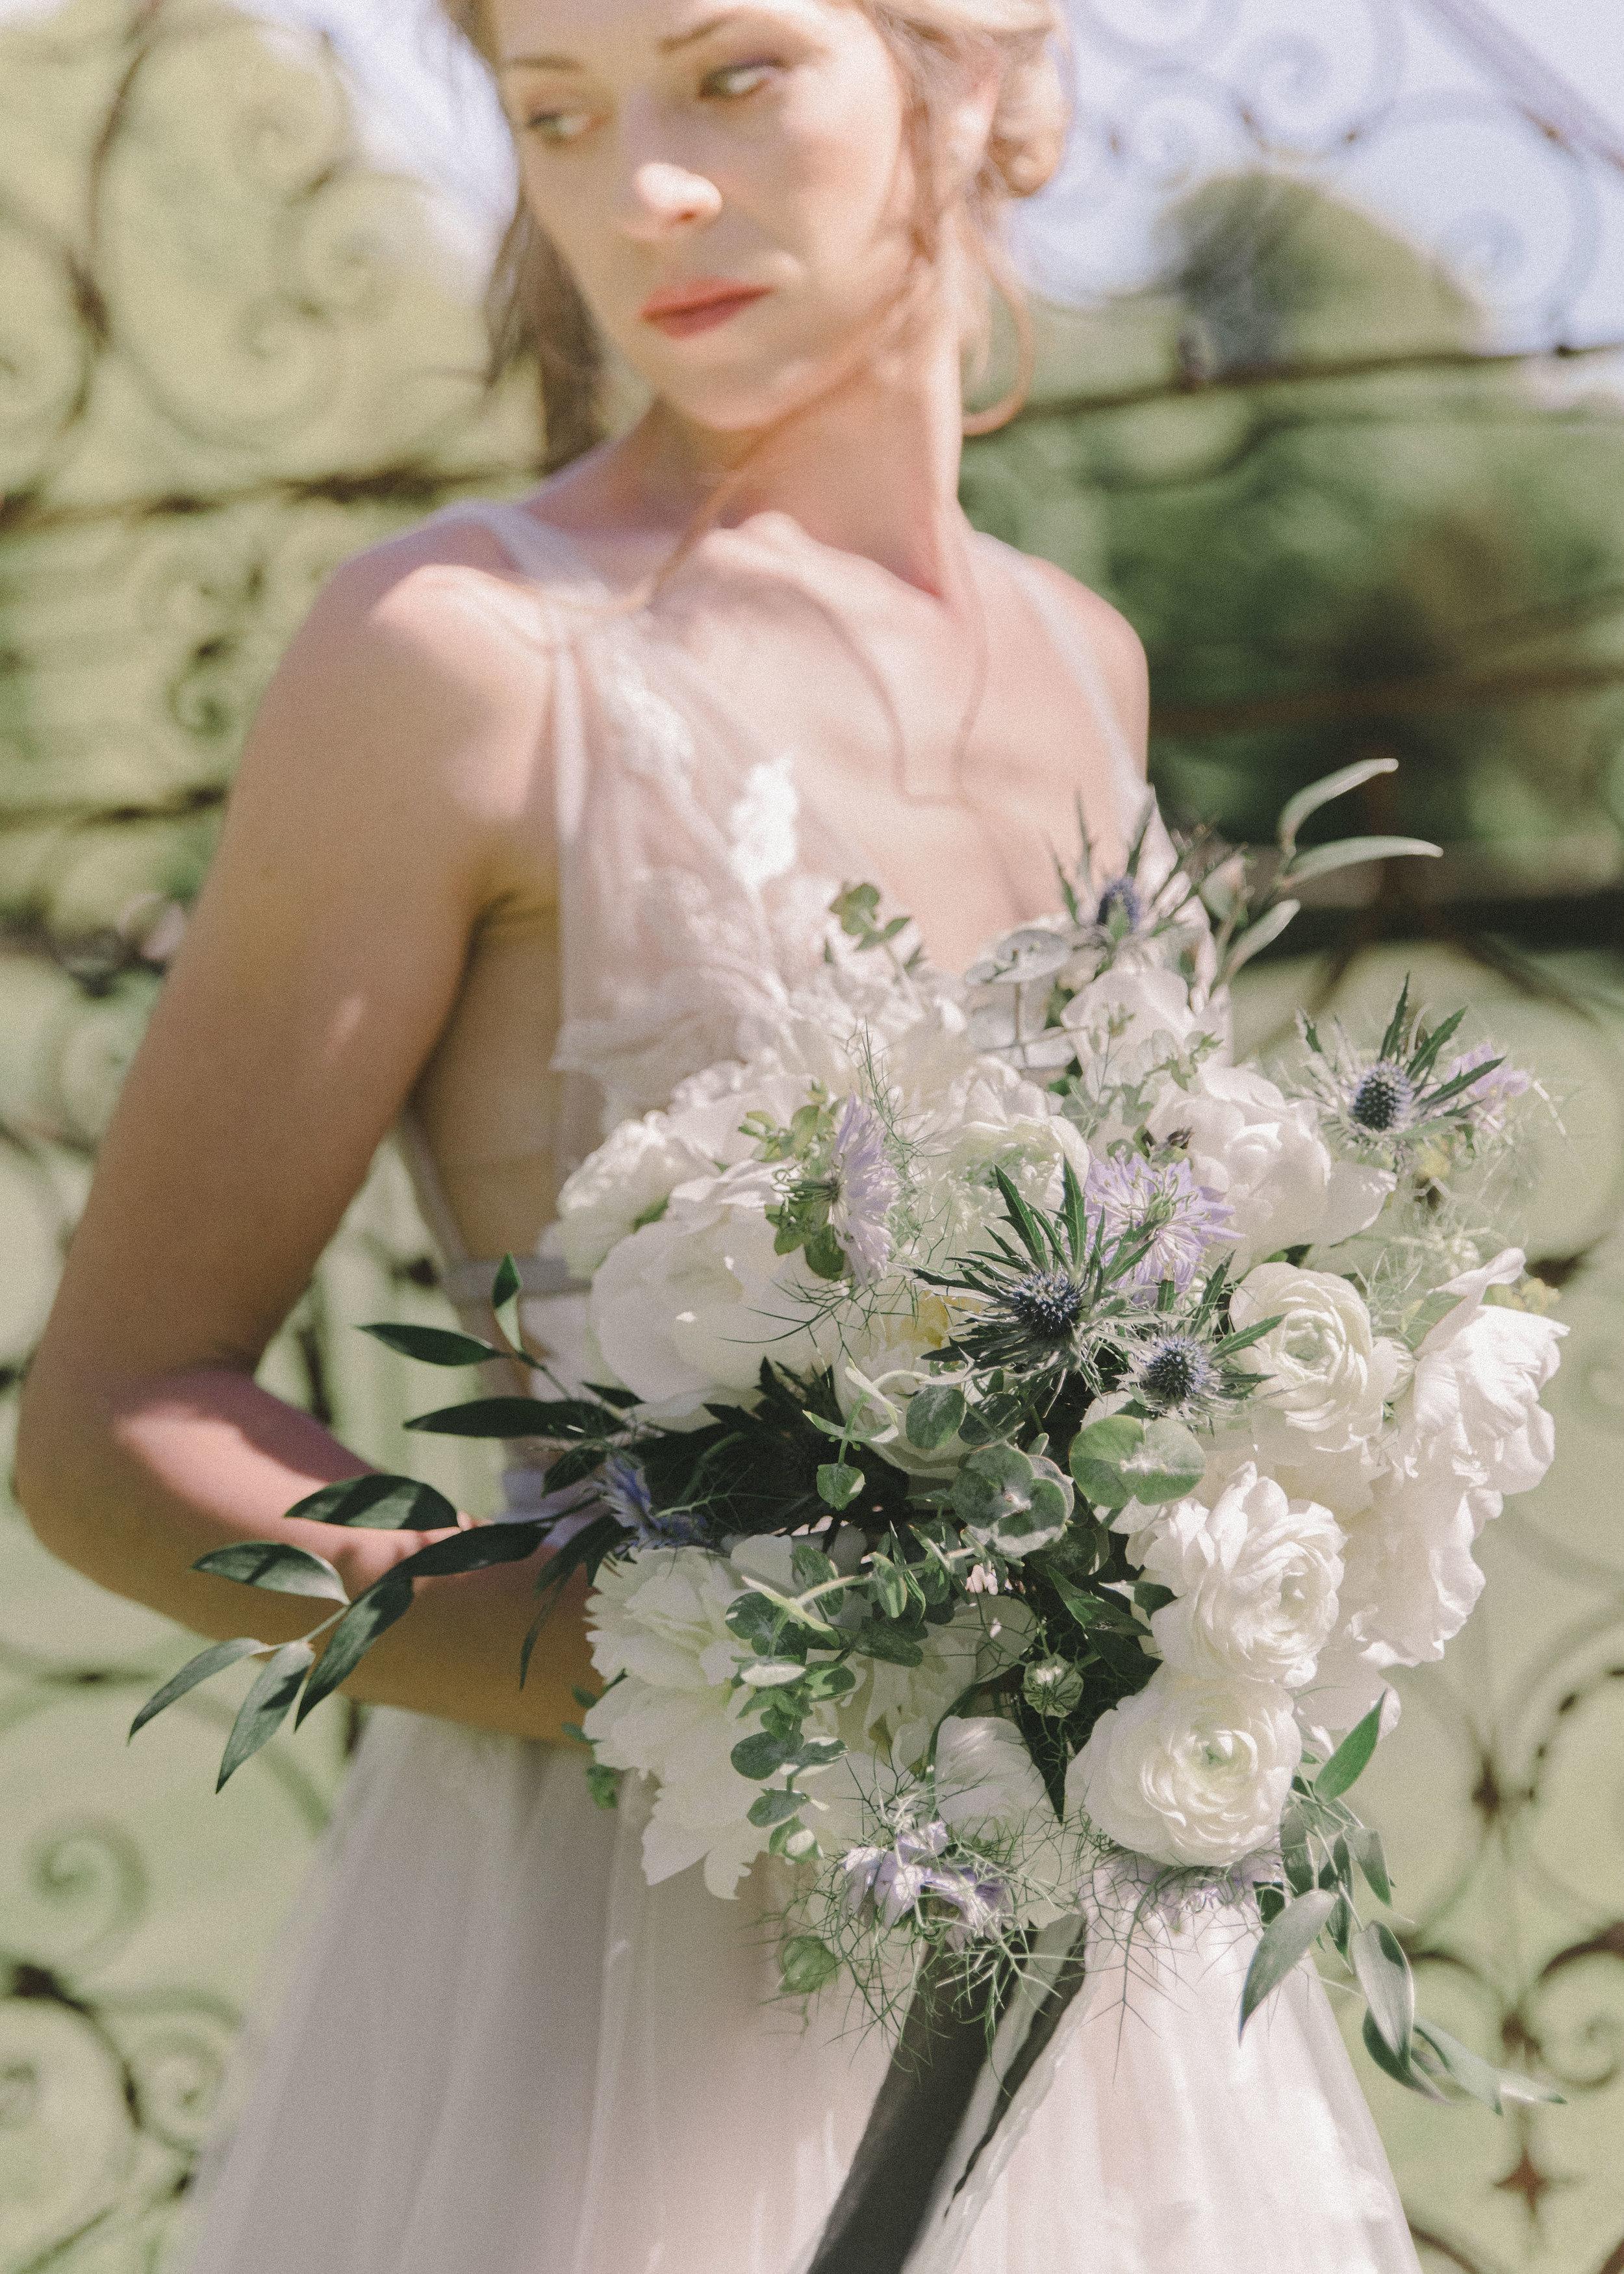 Blue and White Brides Bouquet Harrogate